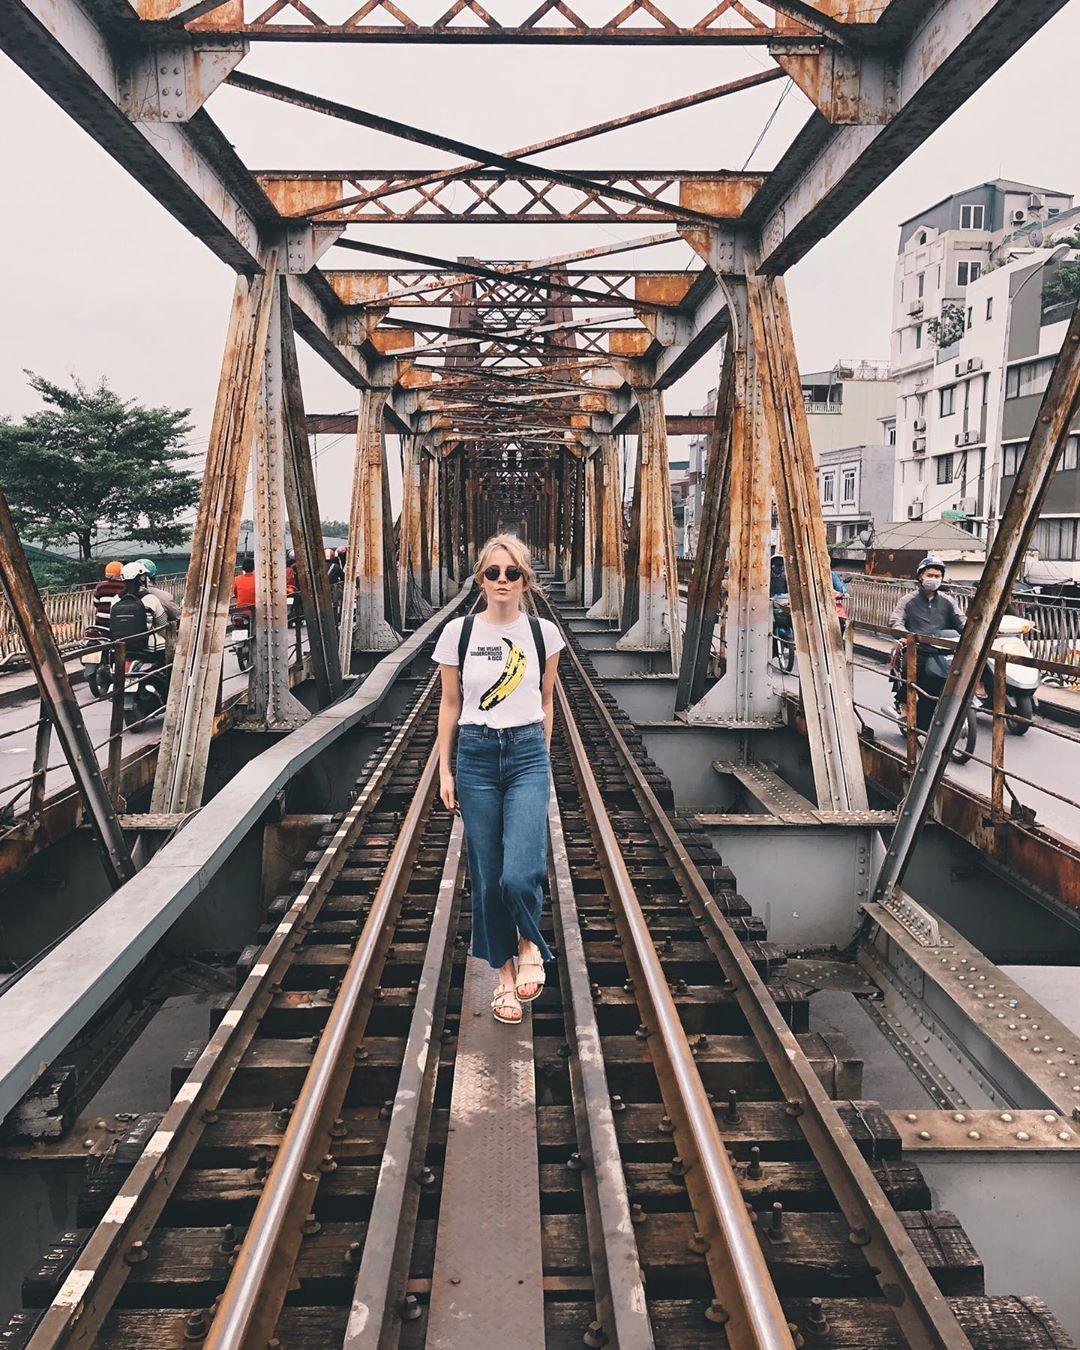 Bất chấp nguy hiểm, khách du lịch đổ xô đến cầu Long Biên chụp ảnh 'check-in' Ảnh 7